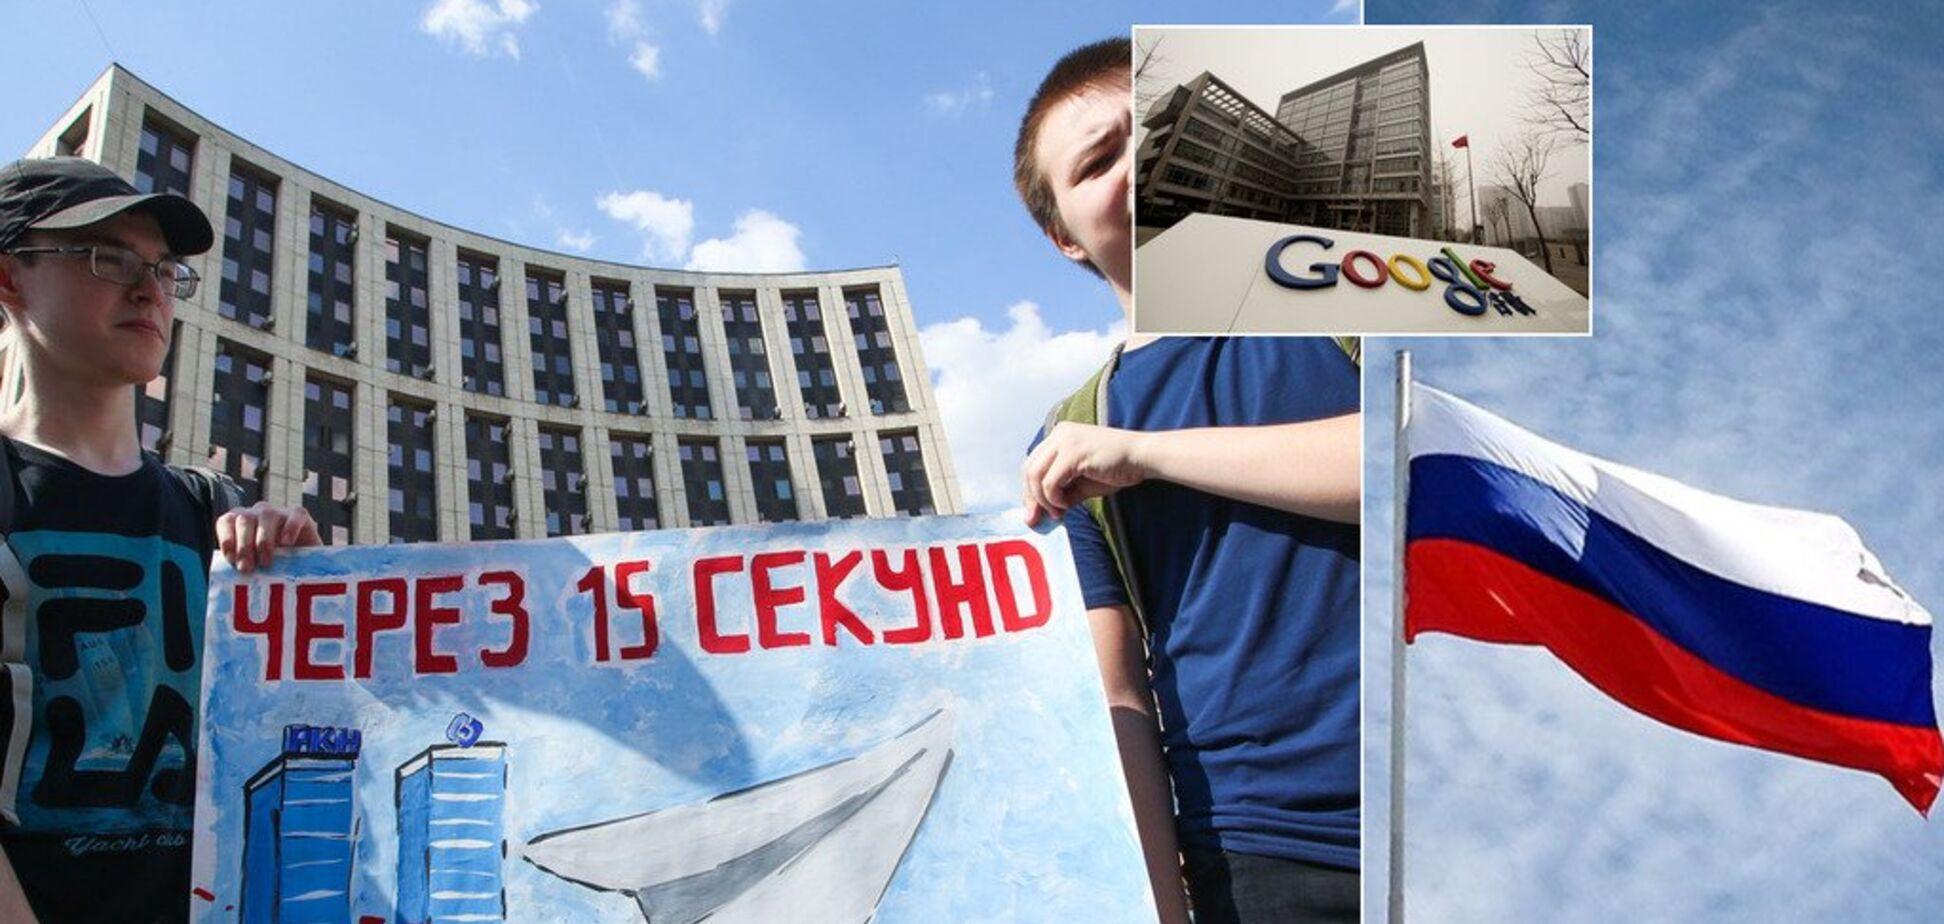 В России хотят отключить интернет: партия Путина готовит радикальный шаг